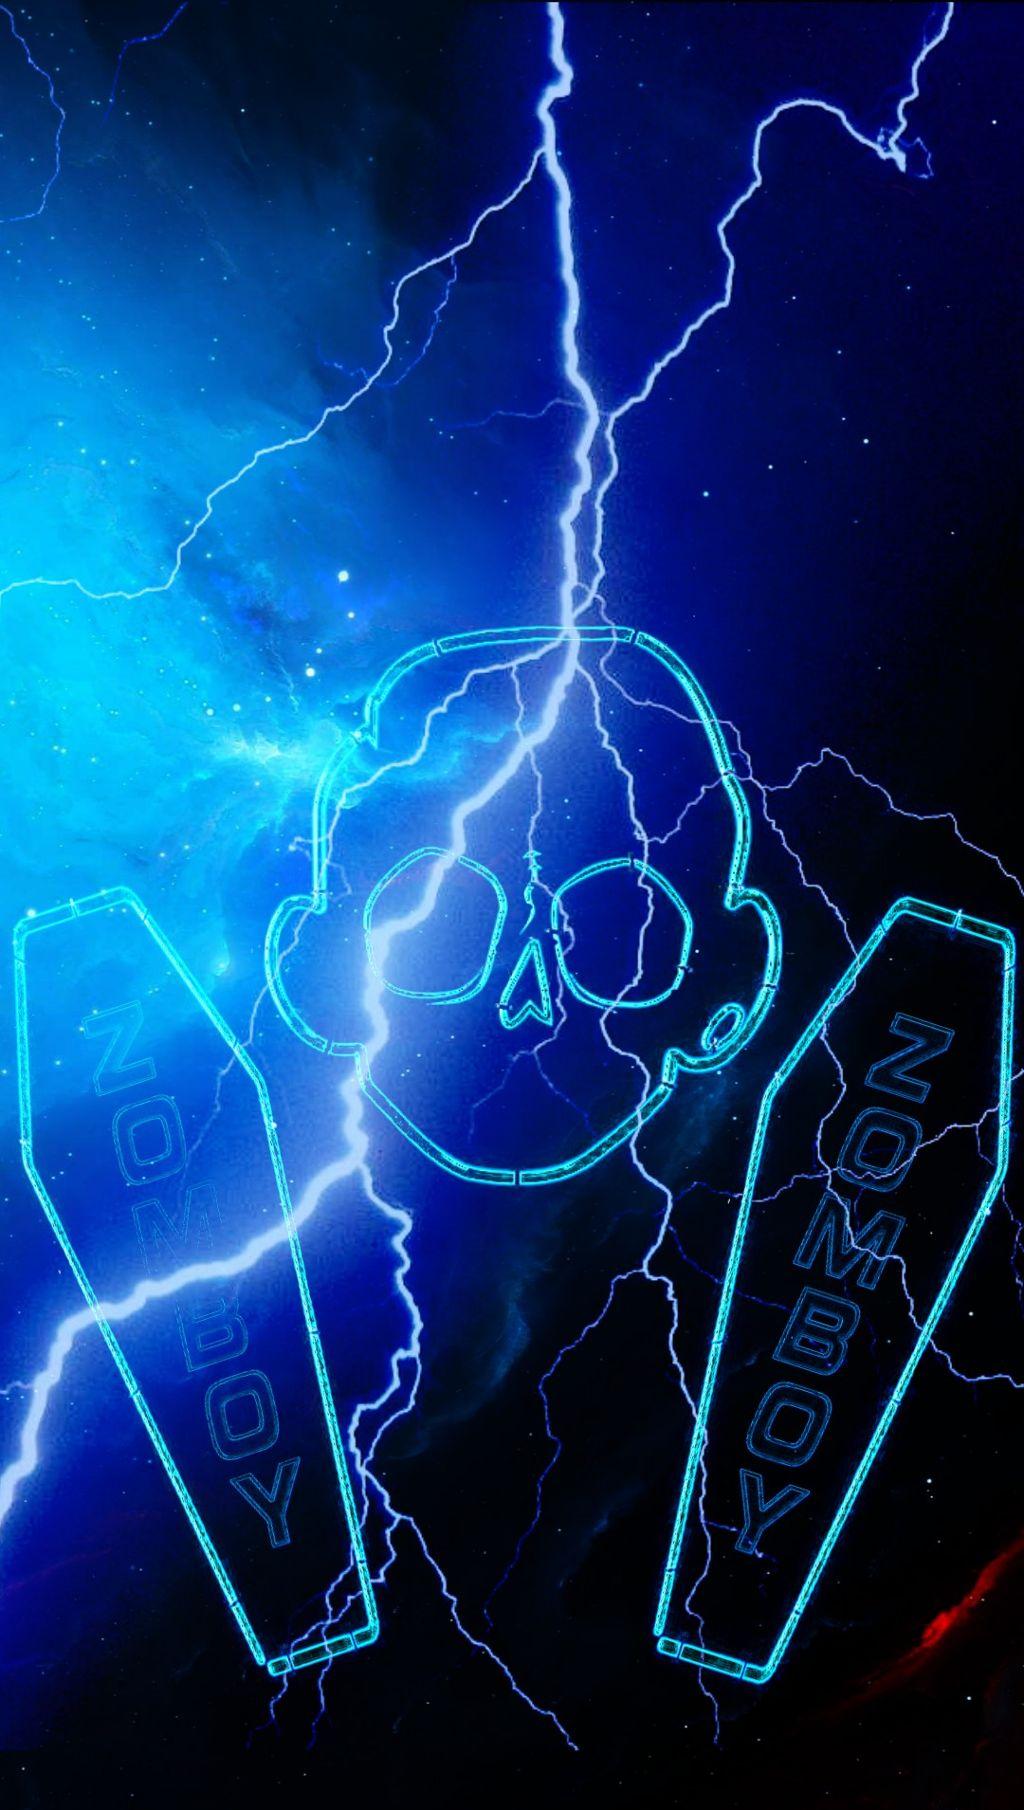 zomboy wallpaper freetoedit   Lightning 1326251   HD 1024x1810